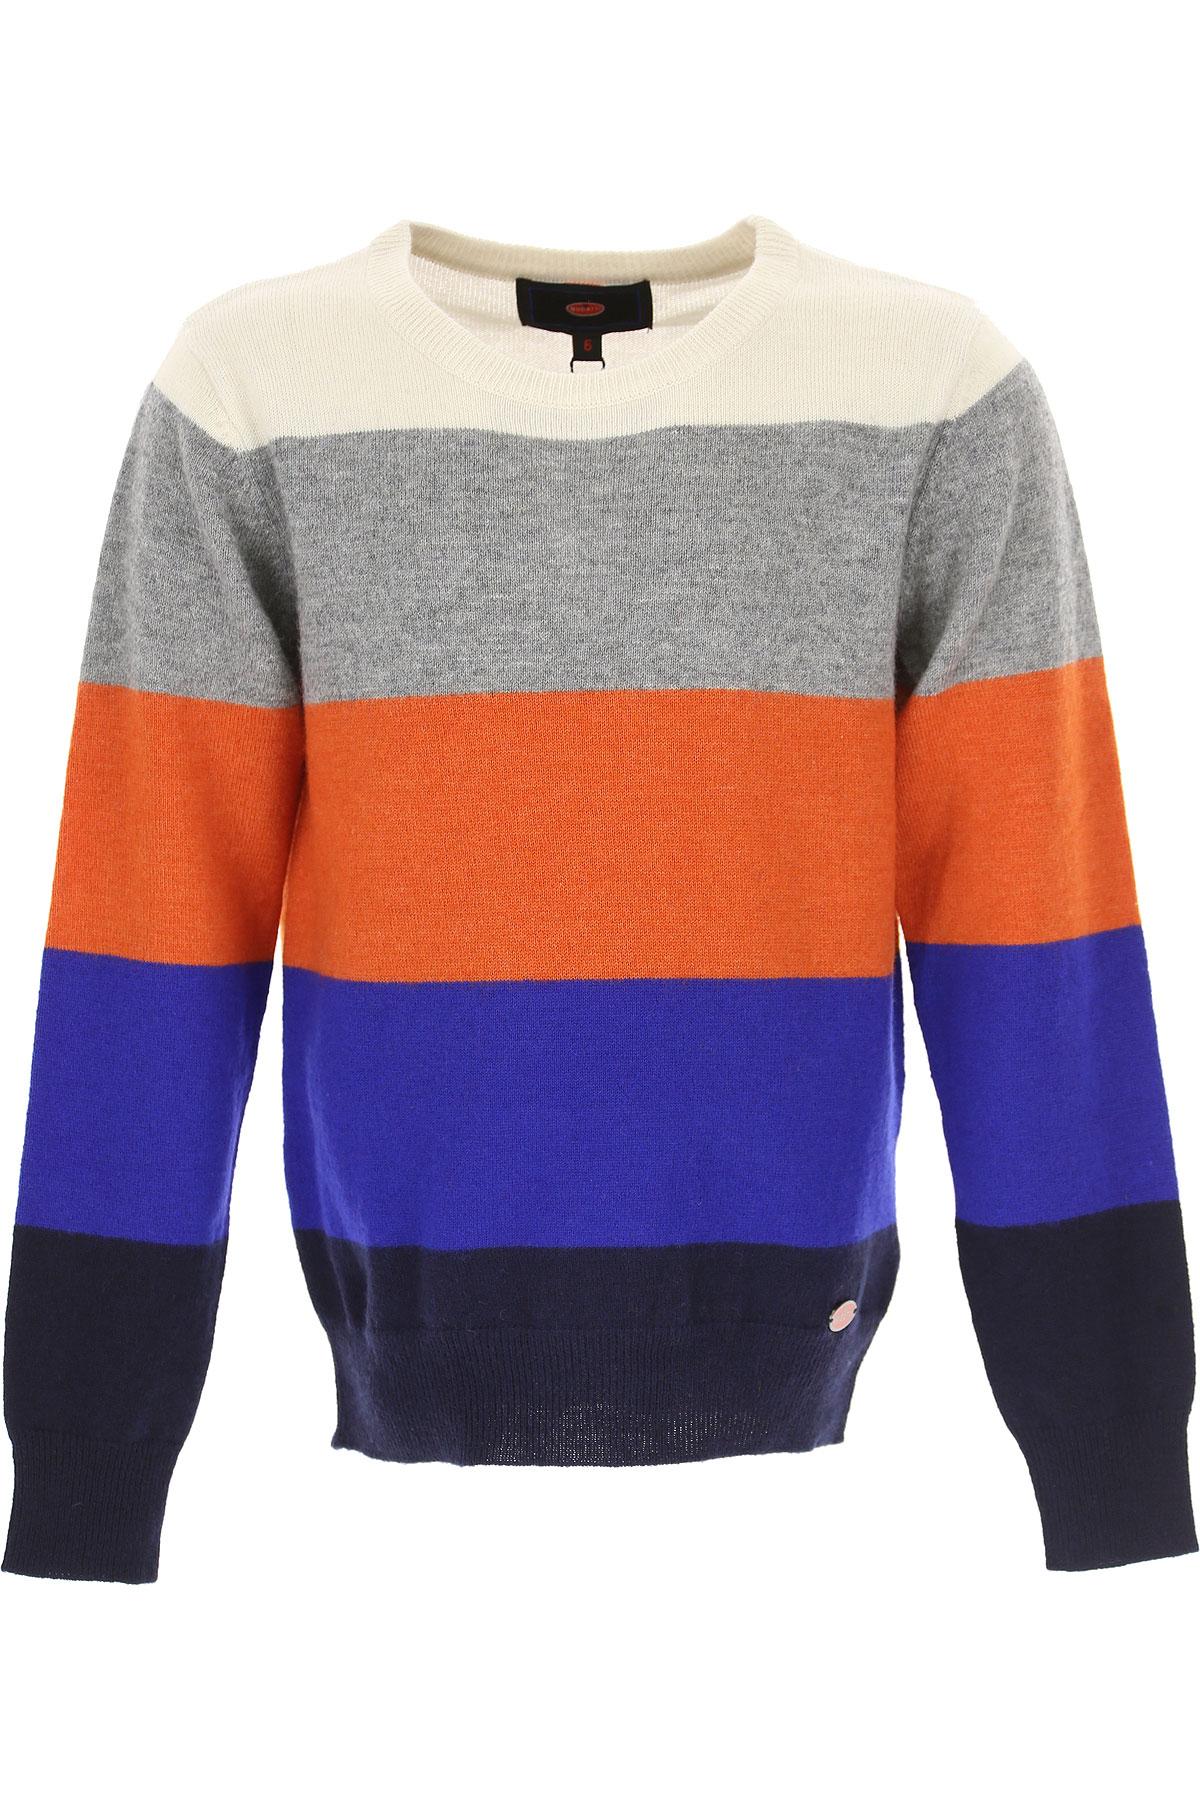 Image of Bugatti Kids Sweaters for Boys, Grey, Wool, 2017, 2Y 3Y 4Y 5Y 6Y 7Y